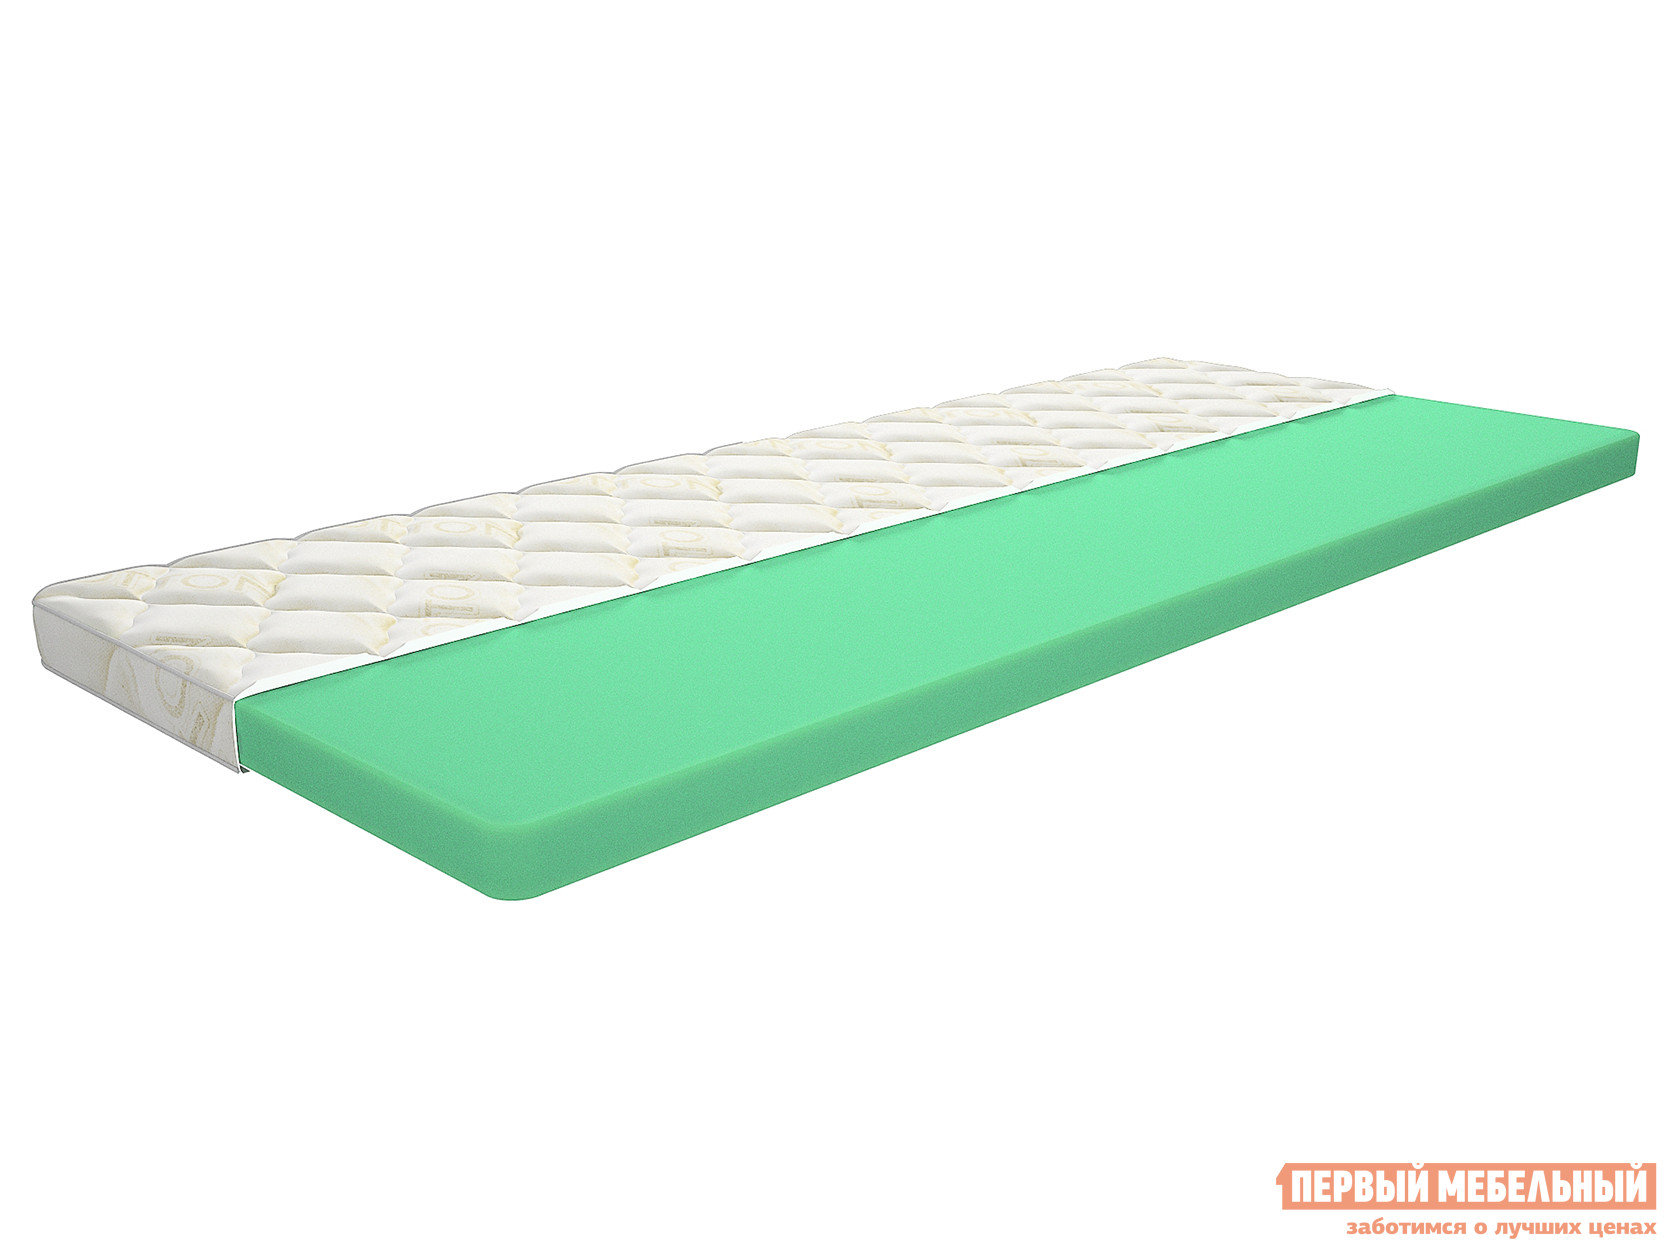 Топпер Первый Мебельный Топпер Comfort 6